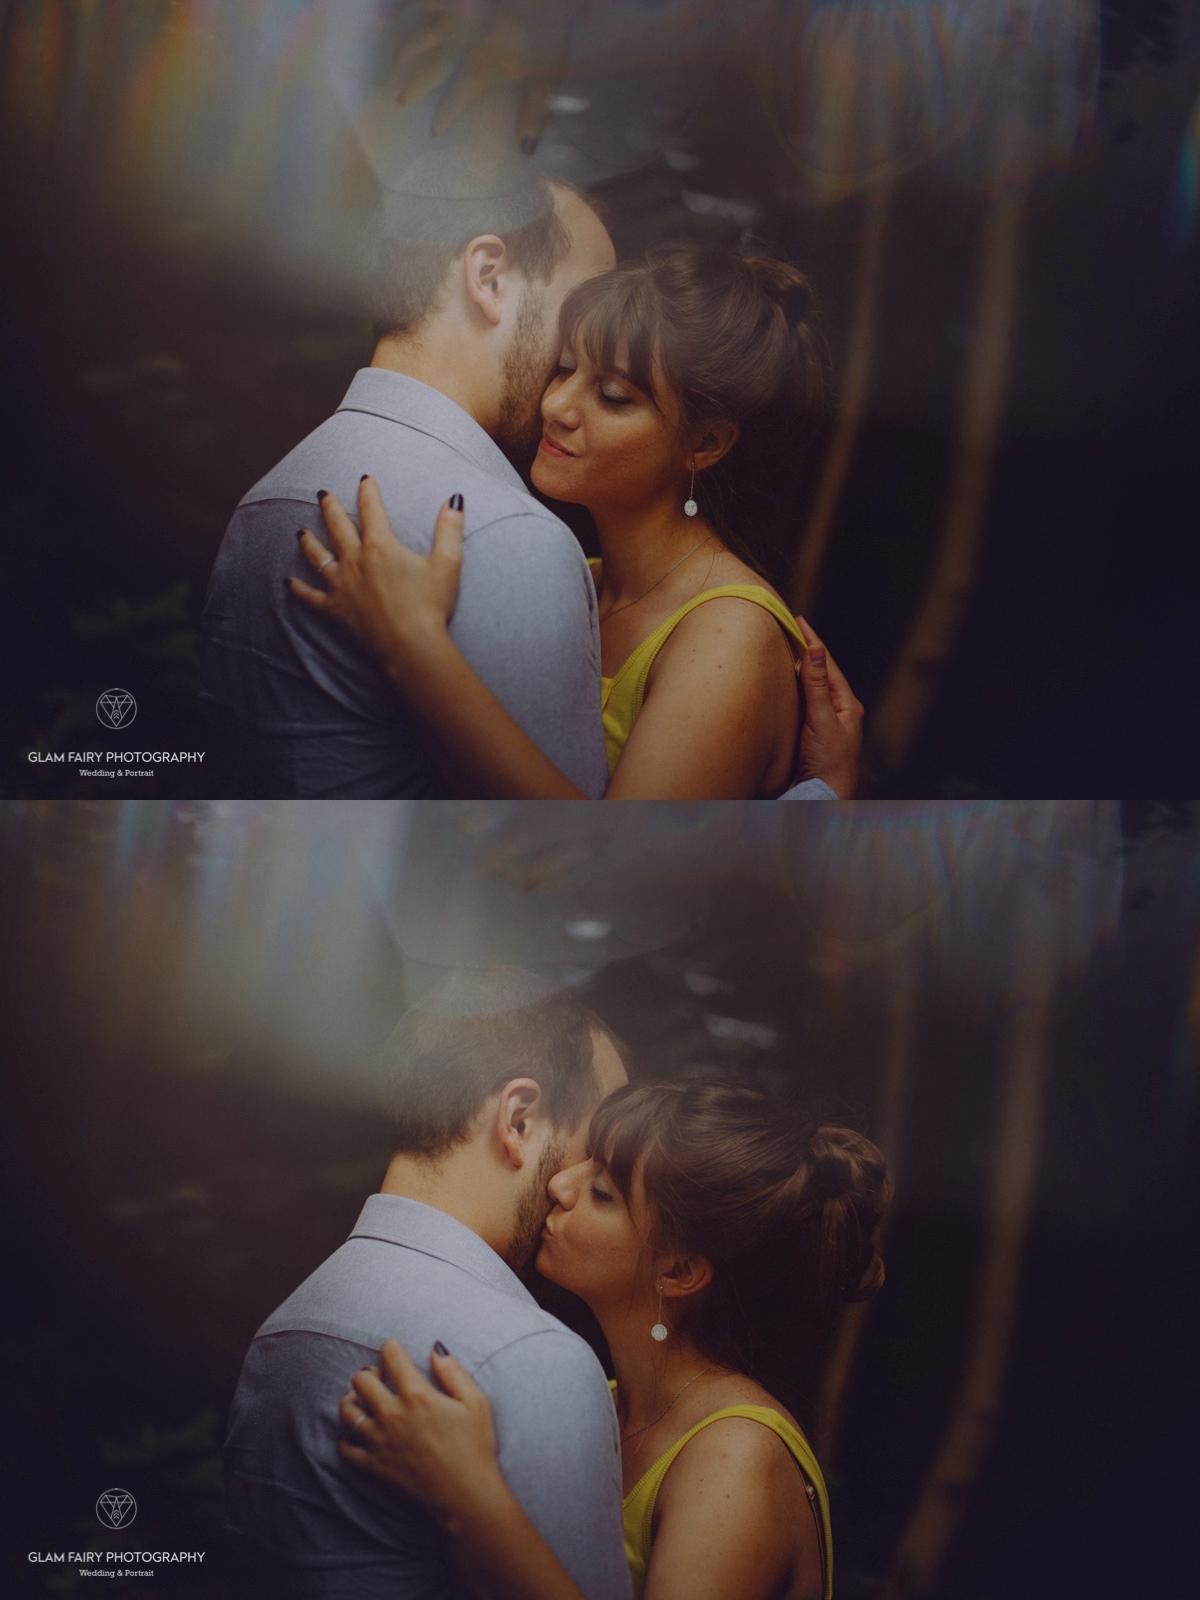 glamfairyphotography-seance-photo-couple-parc-de-sceaux-ophelie_0021